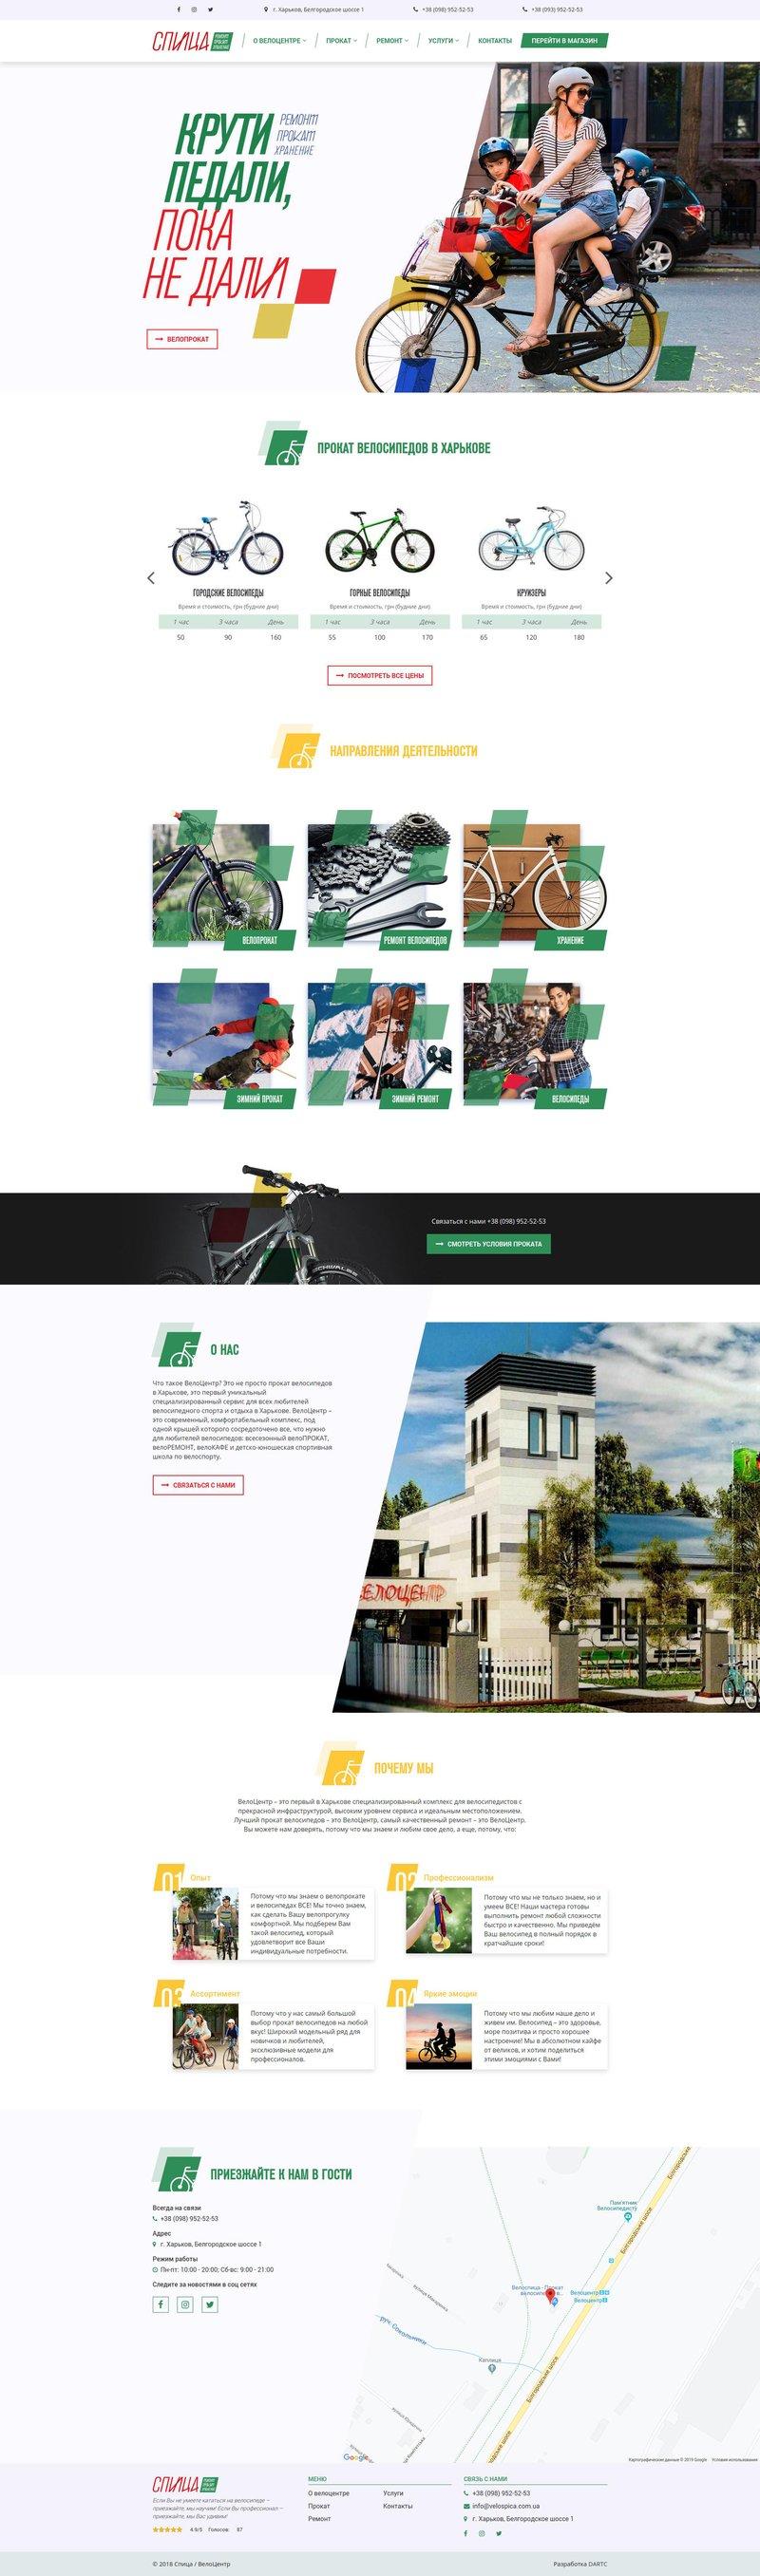 Велопрокат Велоспица – работа в портфолио фрилансера